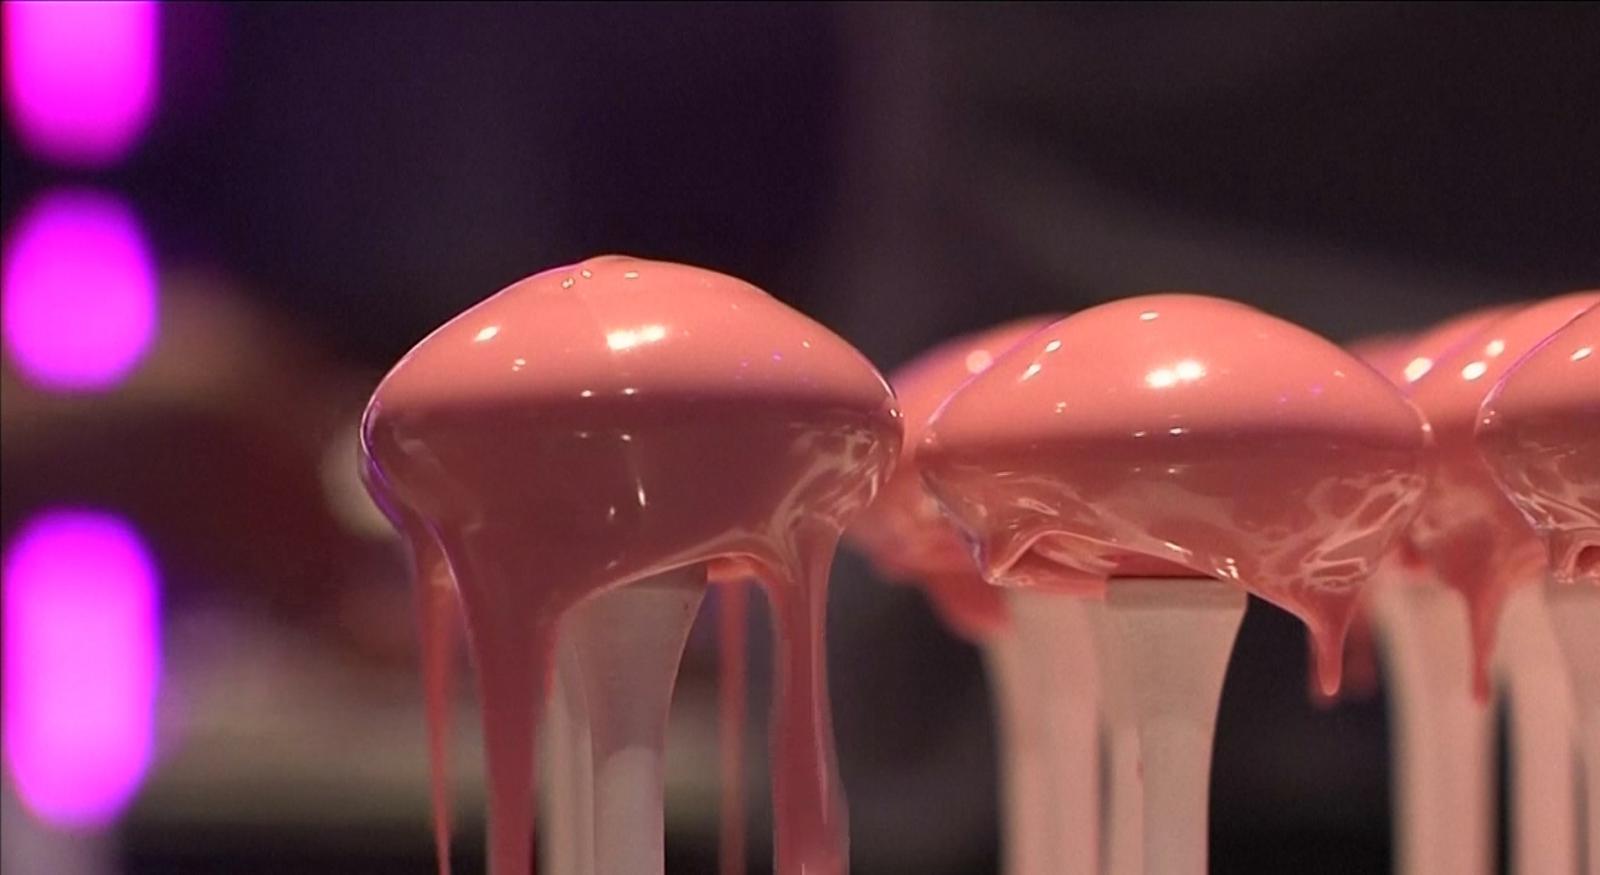 ผู้ผลิตคิดค้นช็อกโกแลตชนิดใหม่